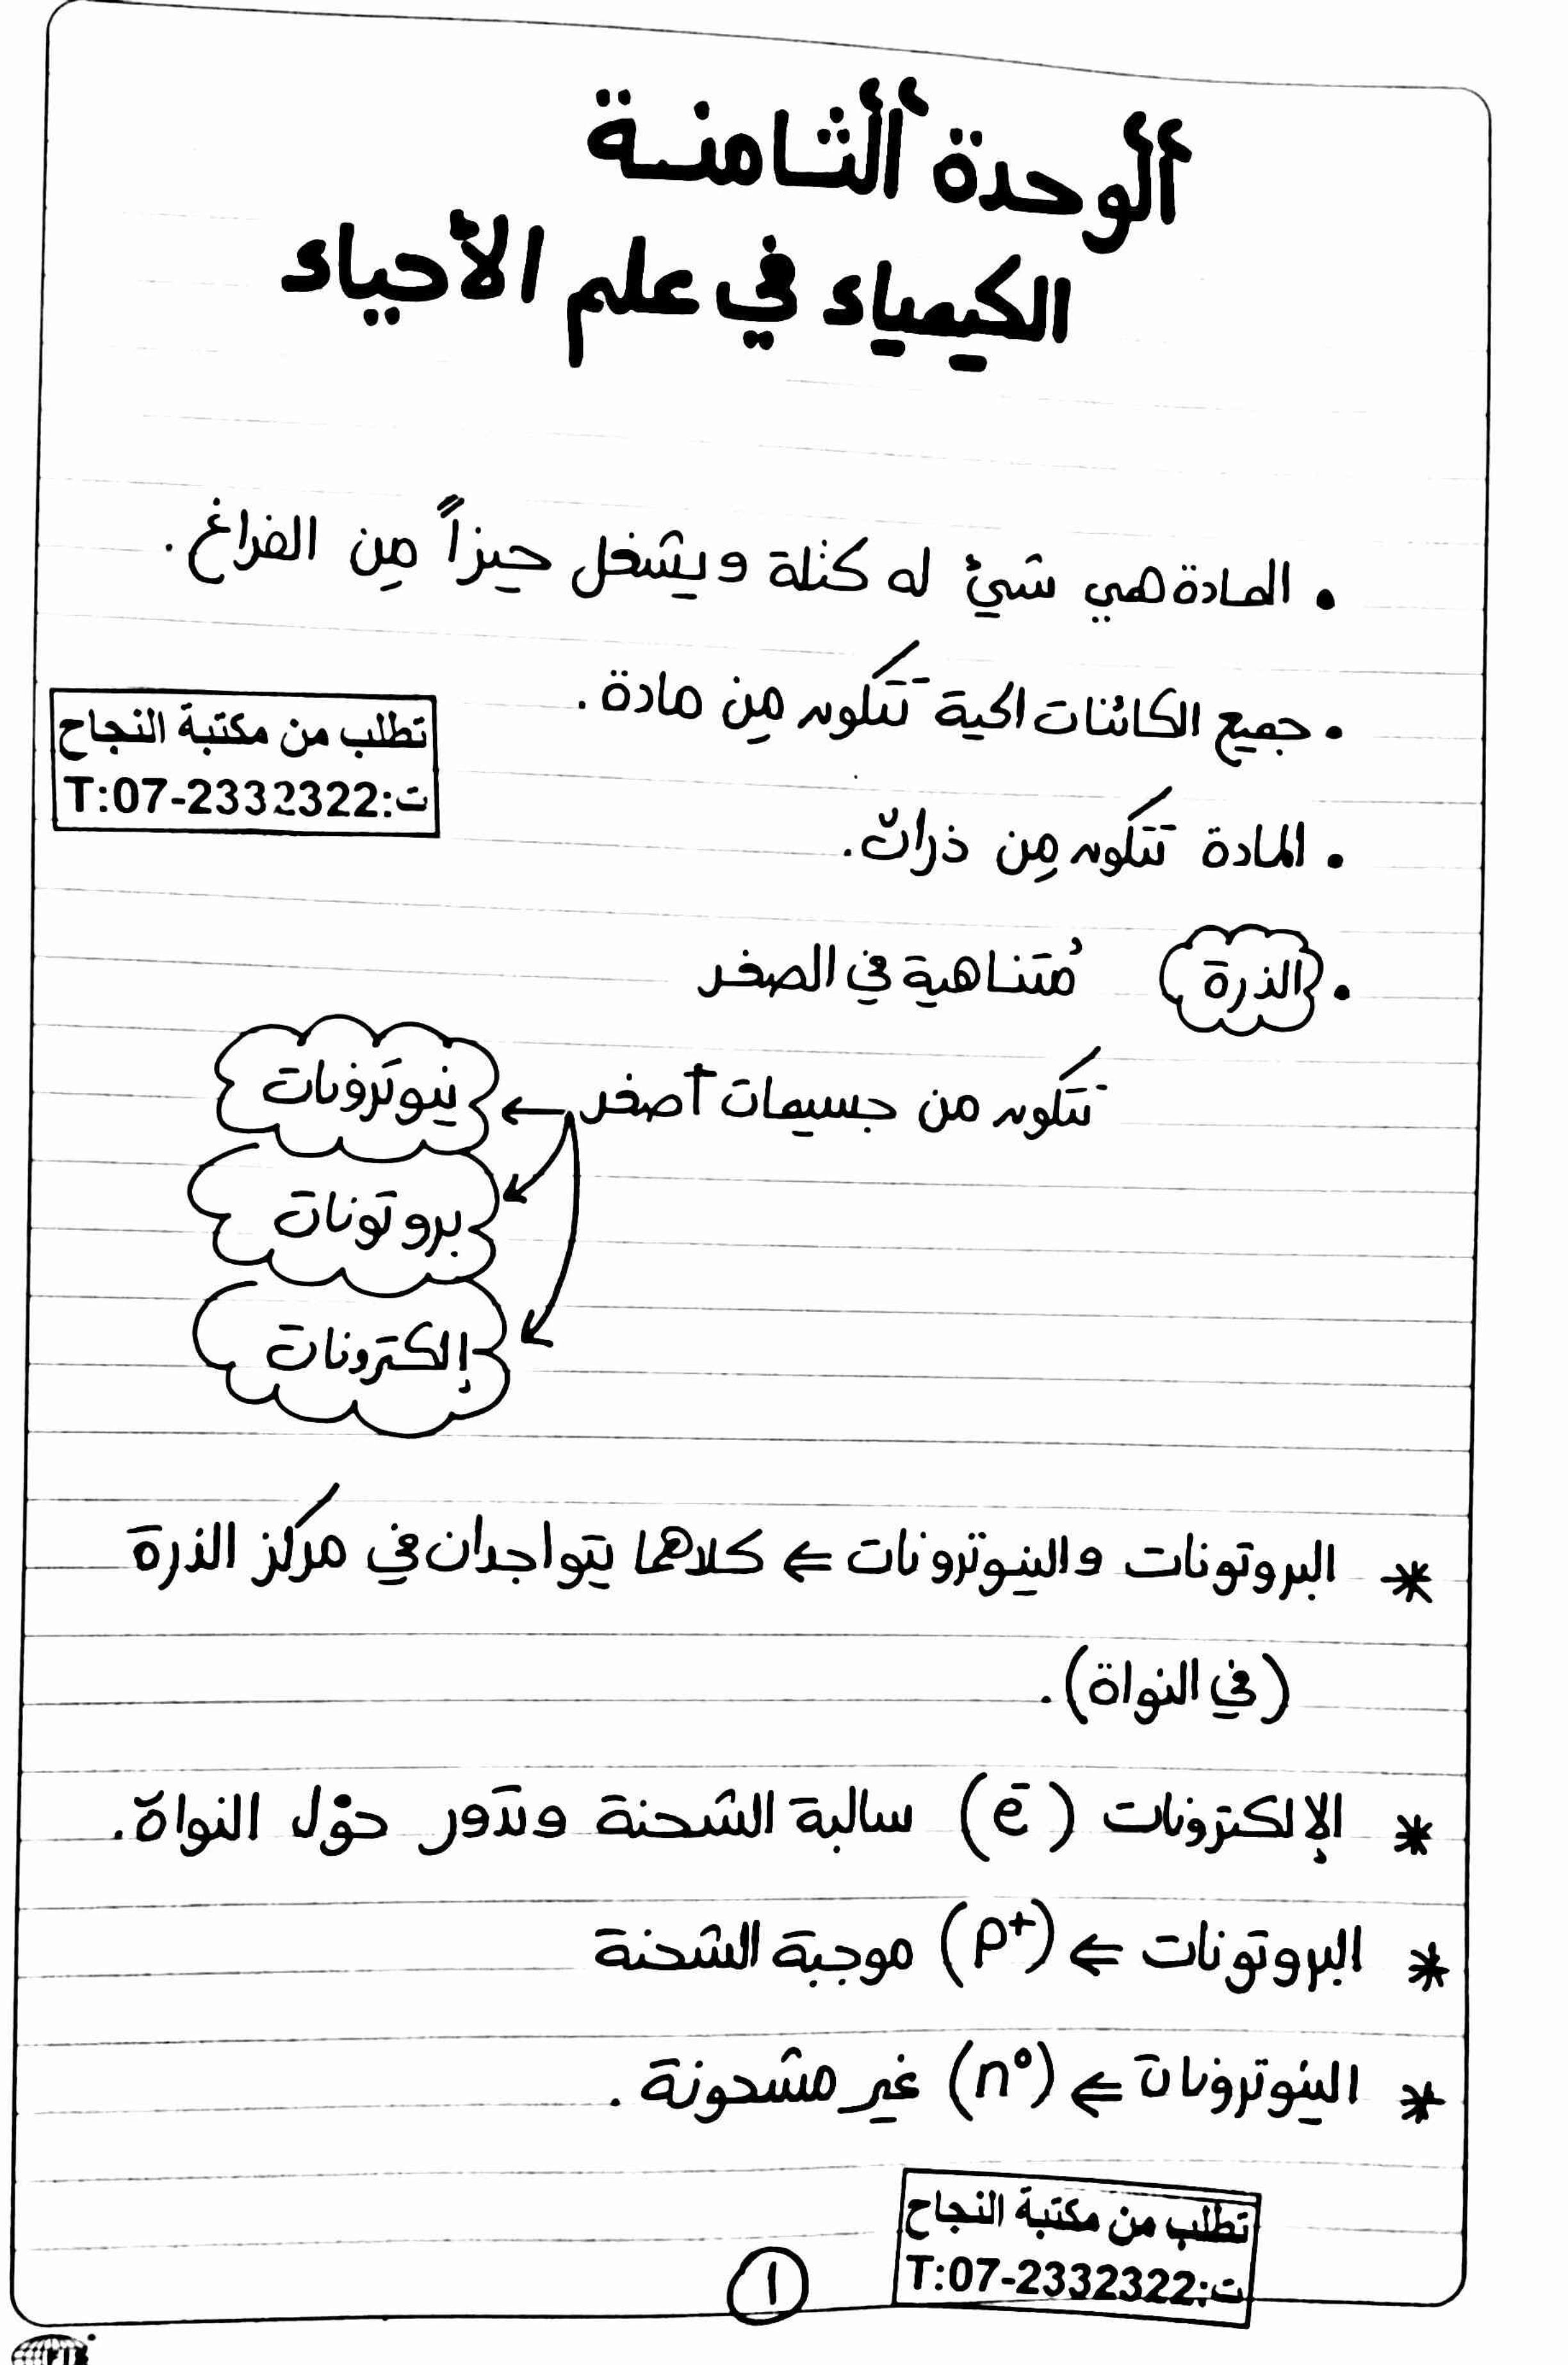 الأحياء ملخص الكيمياء في علم الأحياء للصف الثاني عشر Math Sheet Music Math Equations